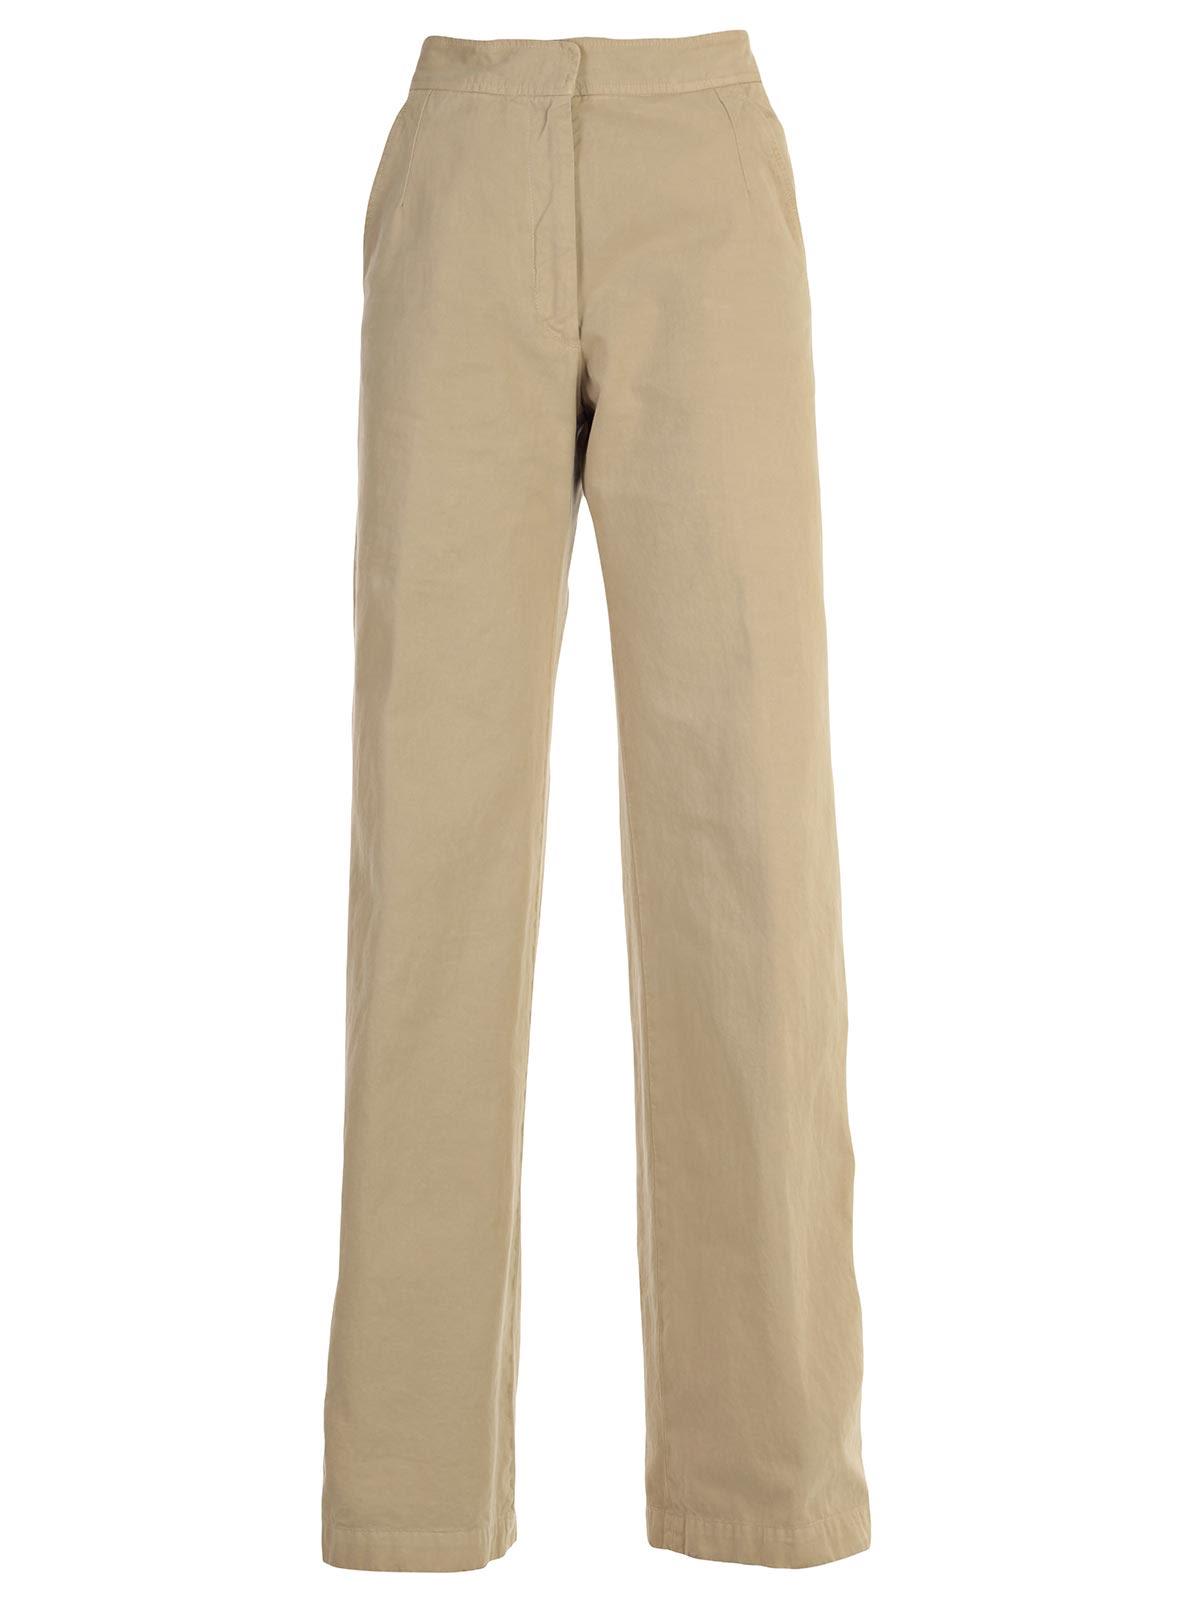 Dries Van Noten Trousers